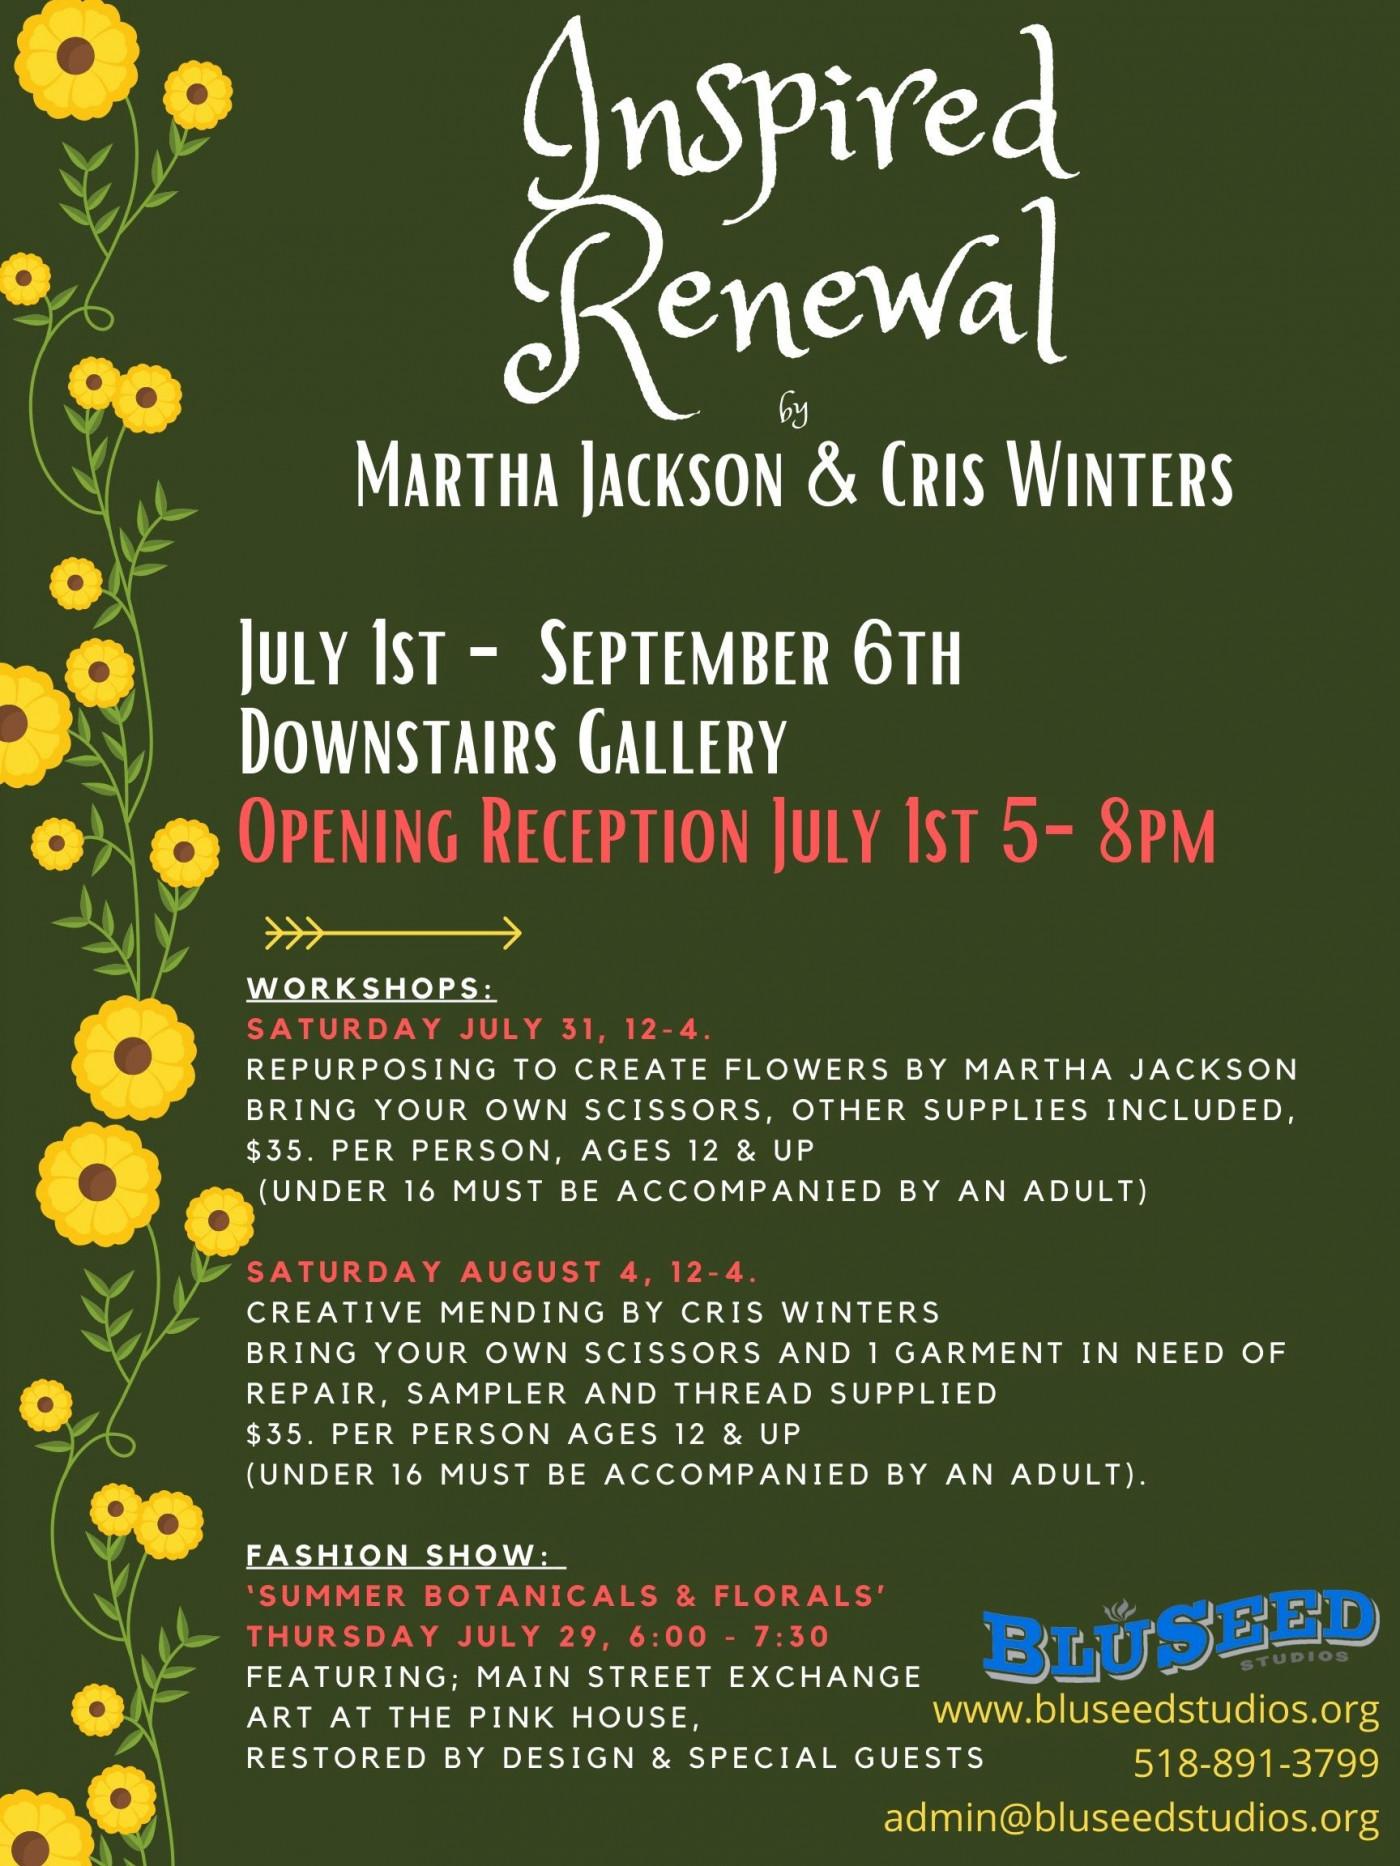 Inspired Renewals Workshop: Repurposing to Make Flowers